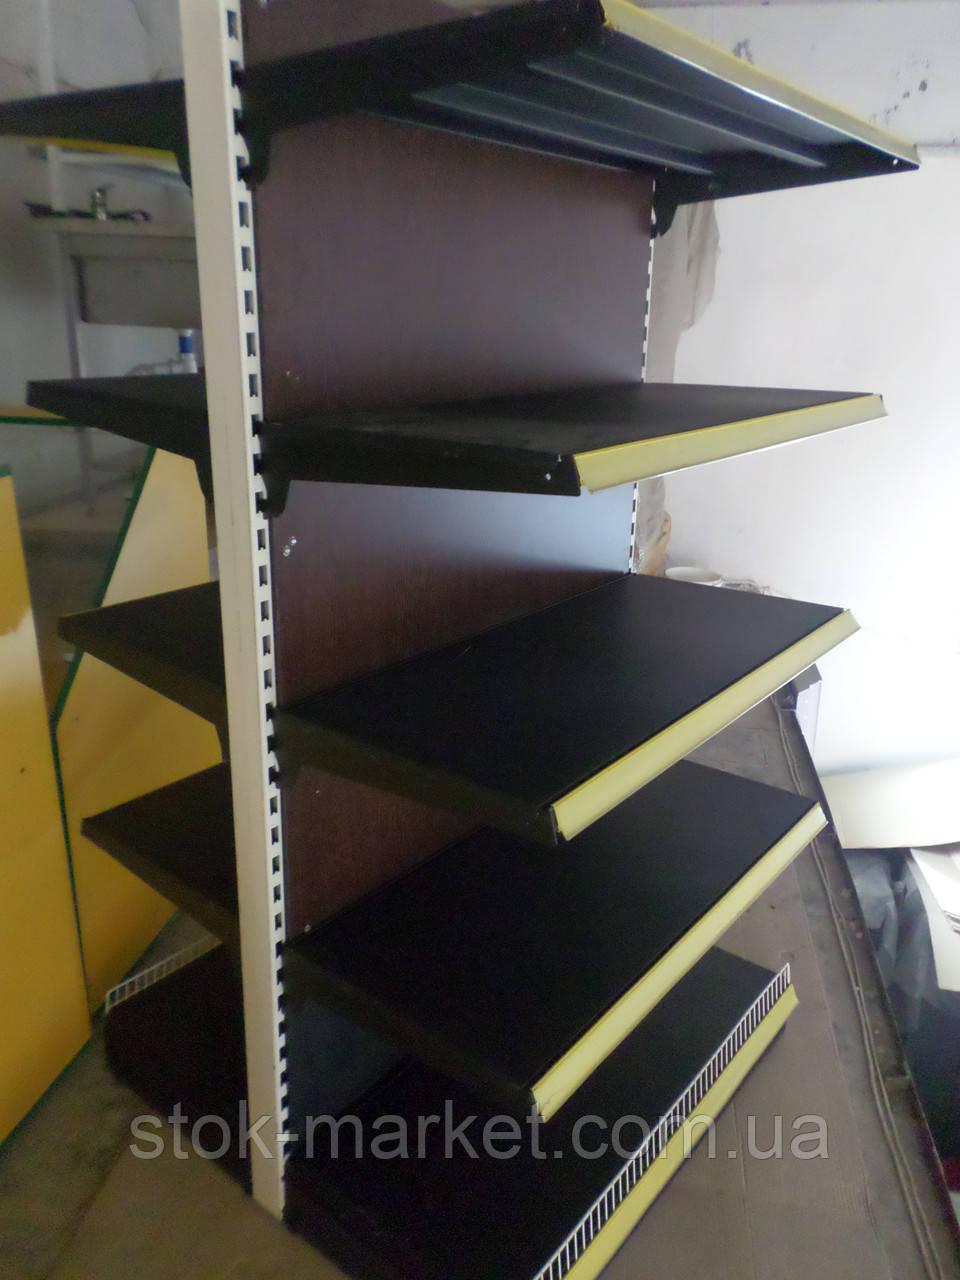 Стеллажи торговые островные двухсторонние металлические б у полки для товара